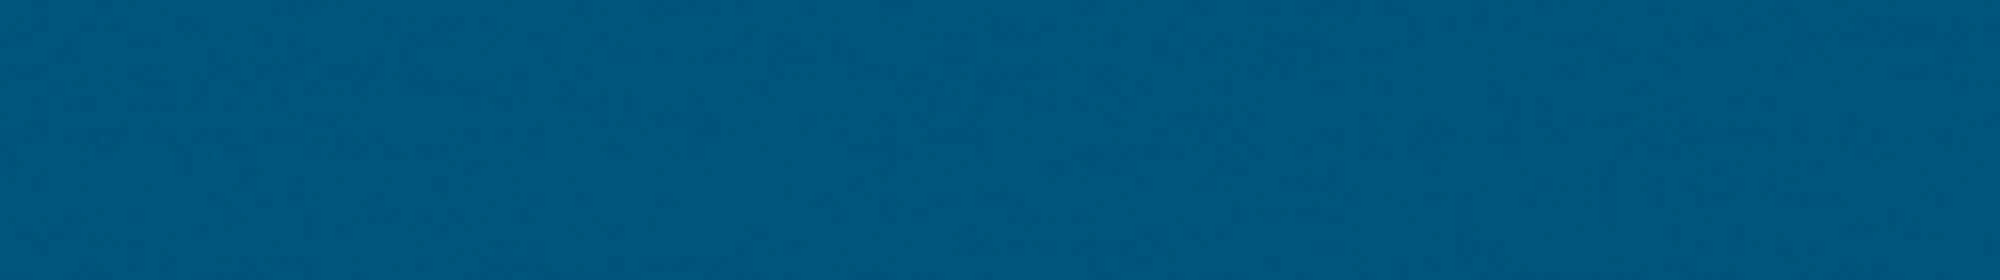 solid-blue-header.png